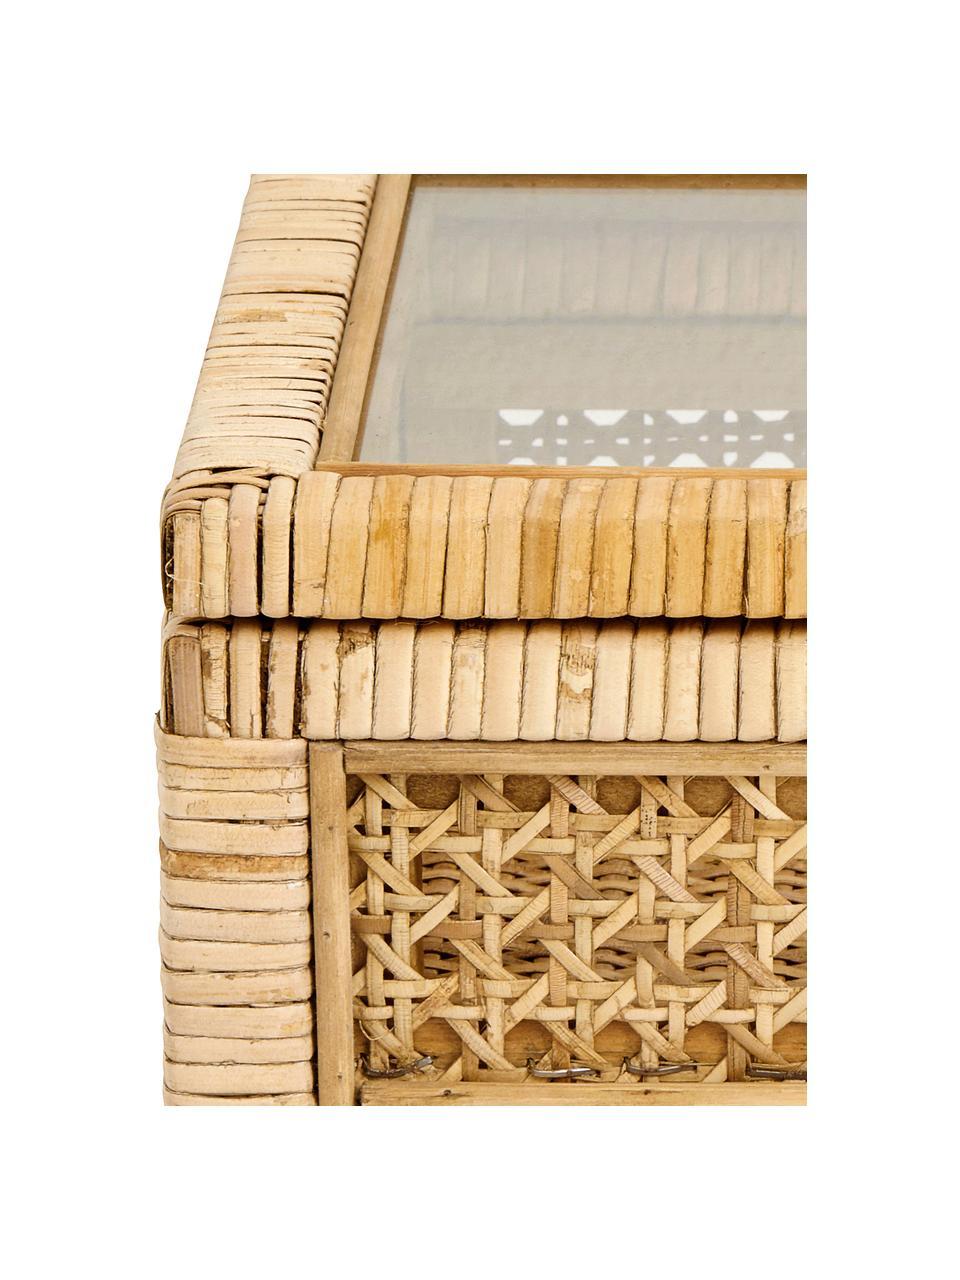 Scatola Granell, Scatola: bambù, Coperchio: vetro, Legno di bambù, Larg. 37 x Alt. 11 cm